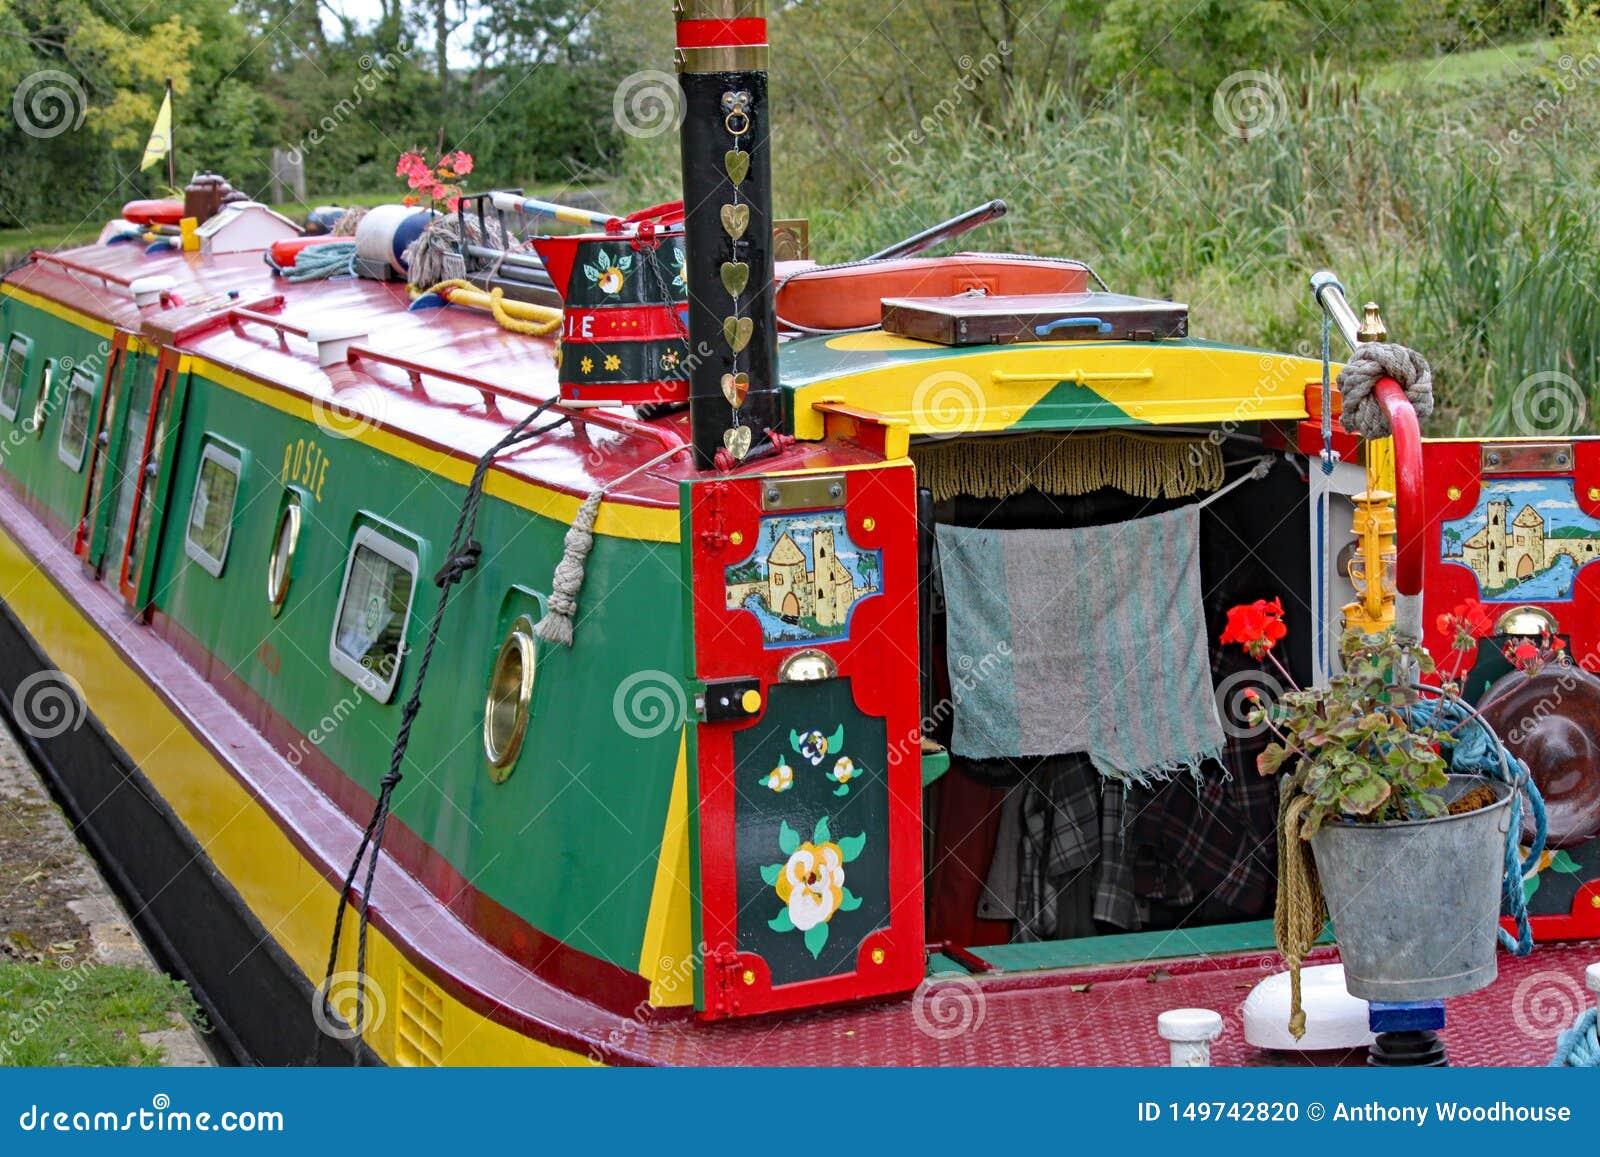 Nahaufnahme eines in hohem Grade verzierten Lastkahnes auf dem großartigen Verbands-Kanal bei Lapworth in Warwickshire, England